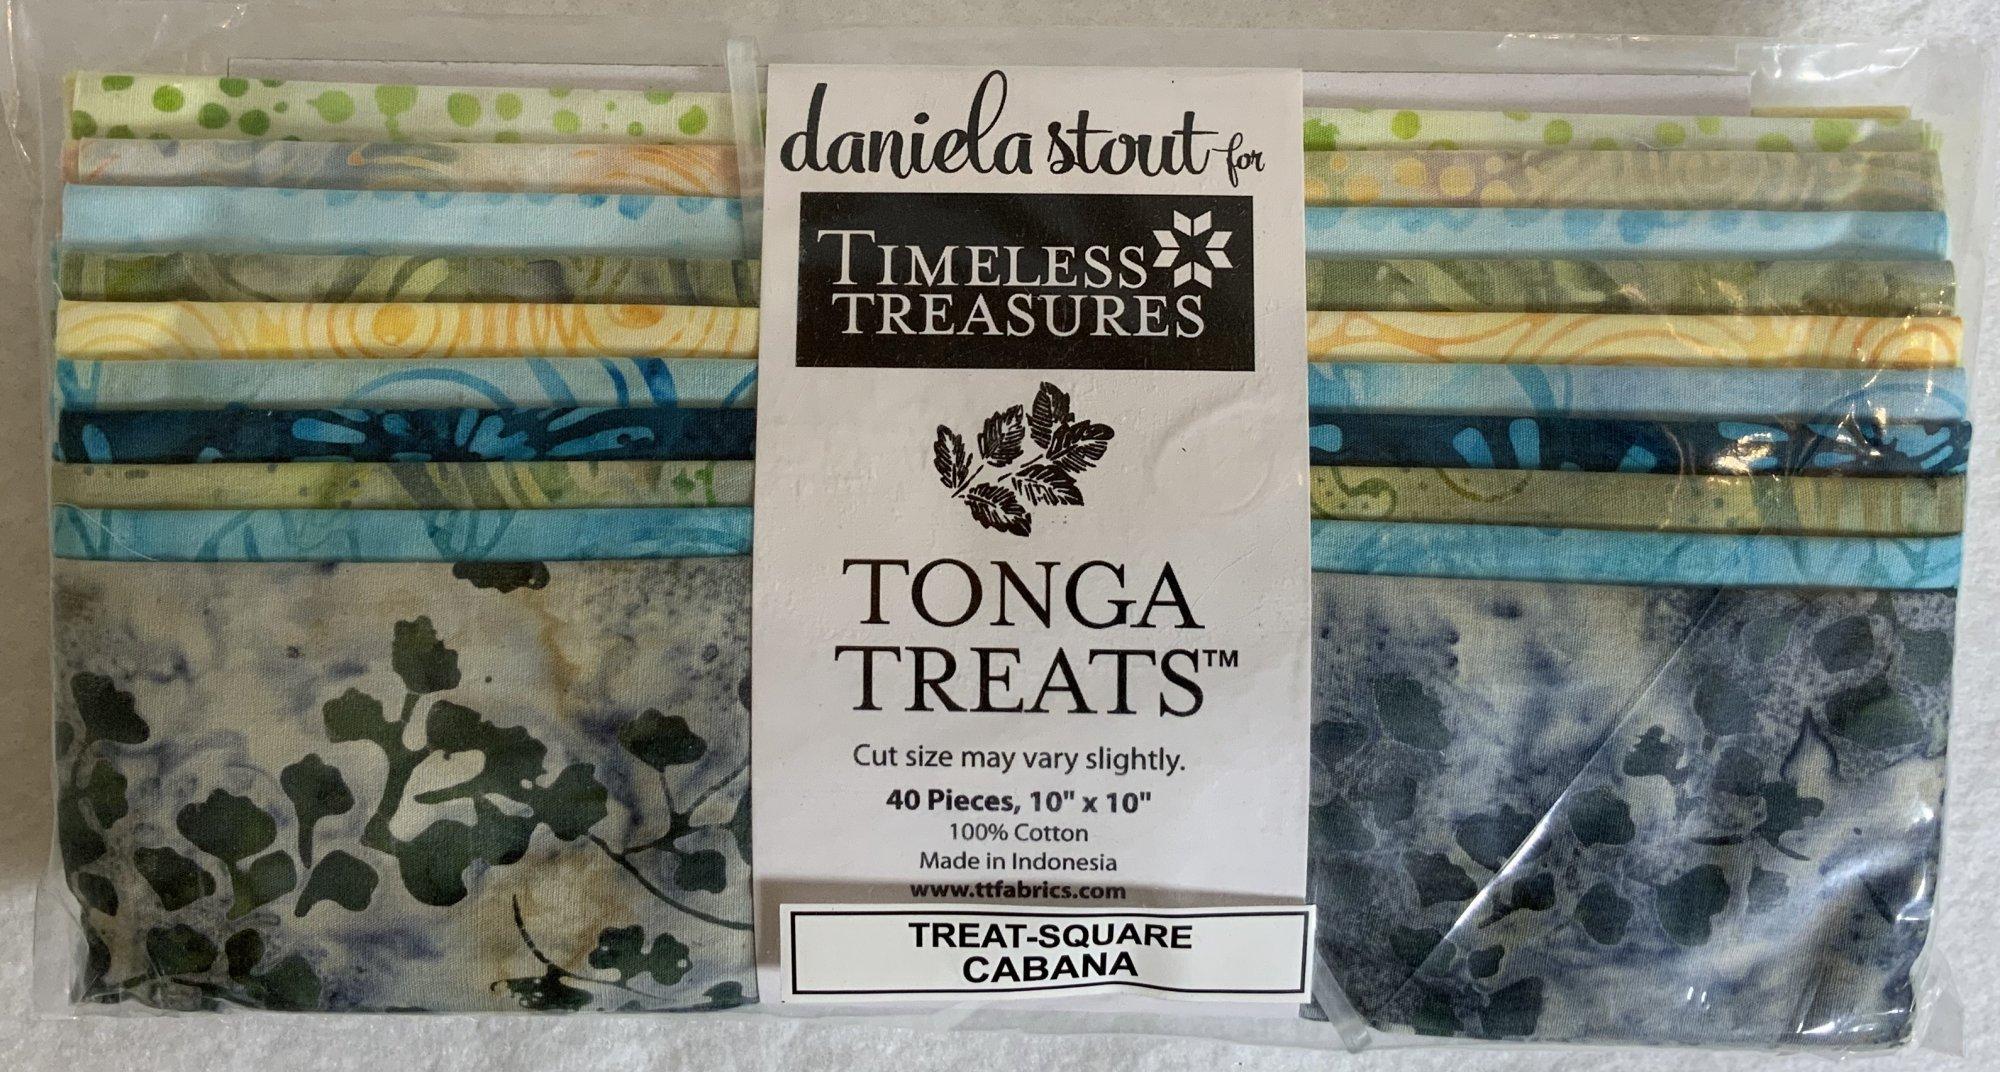 Tonga Treat Square Batik Cabana, (40 pcs 10x10) - Daniela Stout - Timeless Treasures